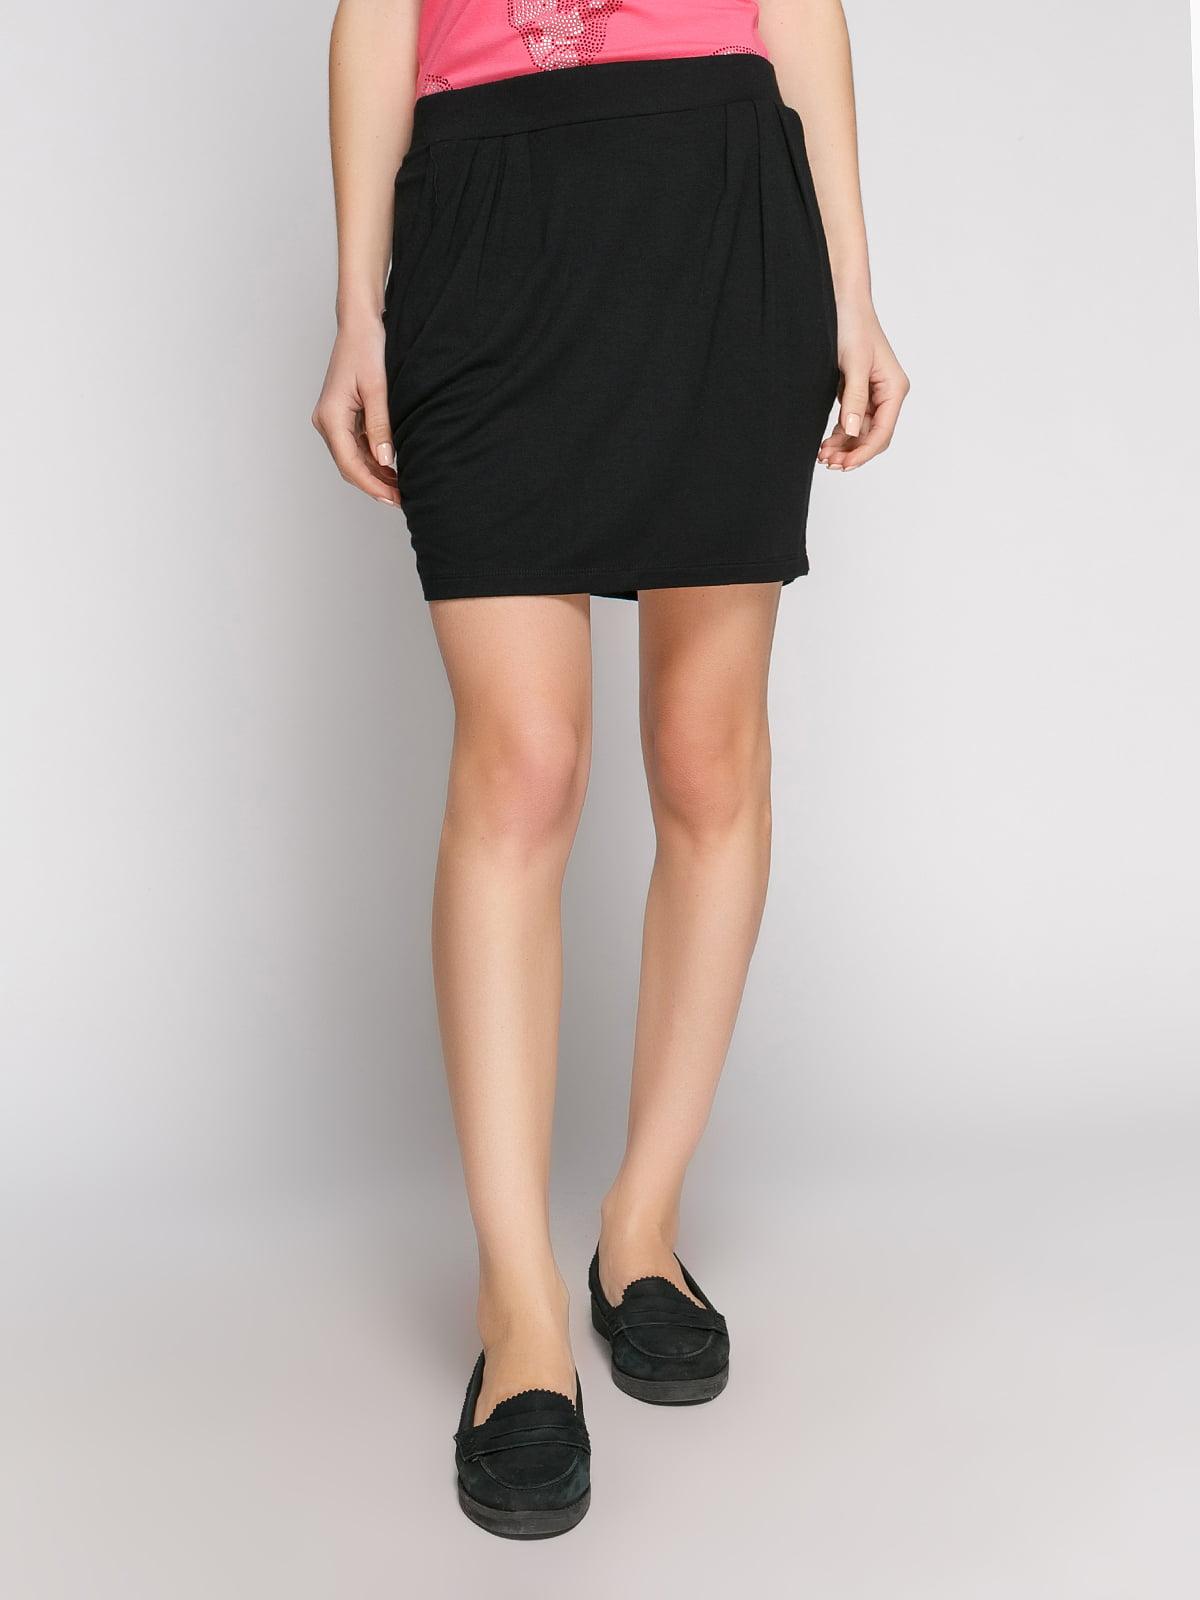 Юбка черная с карманами | 514355